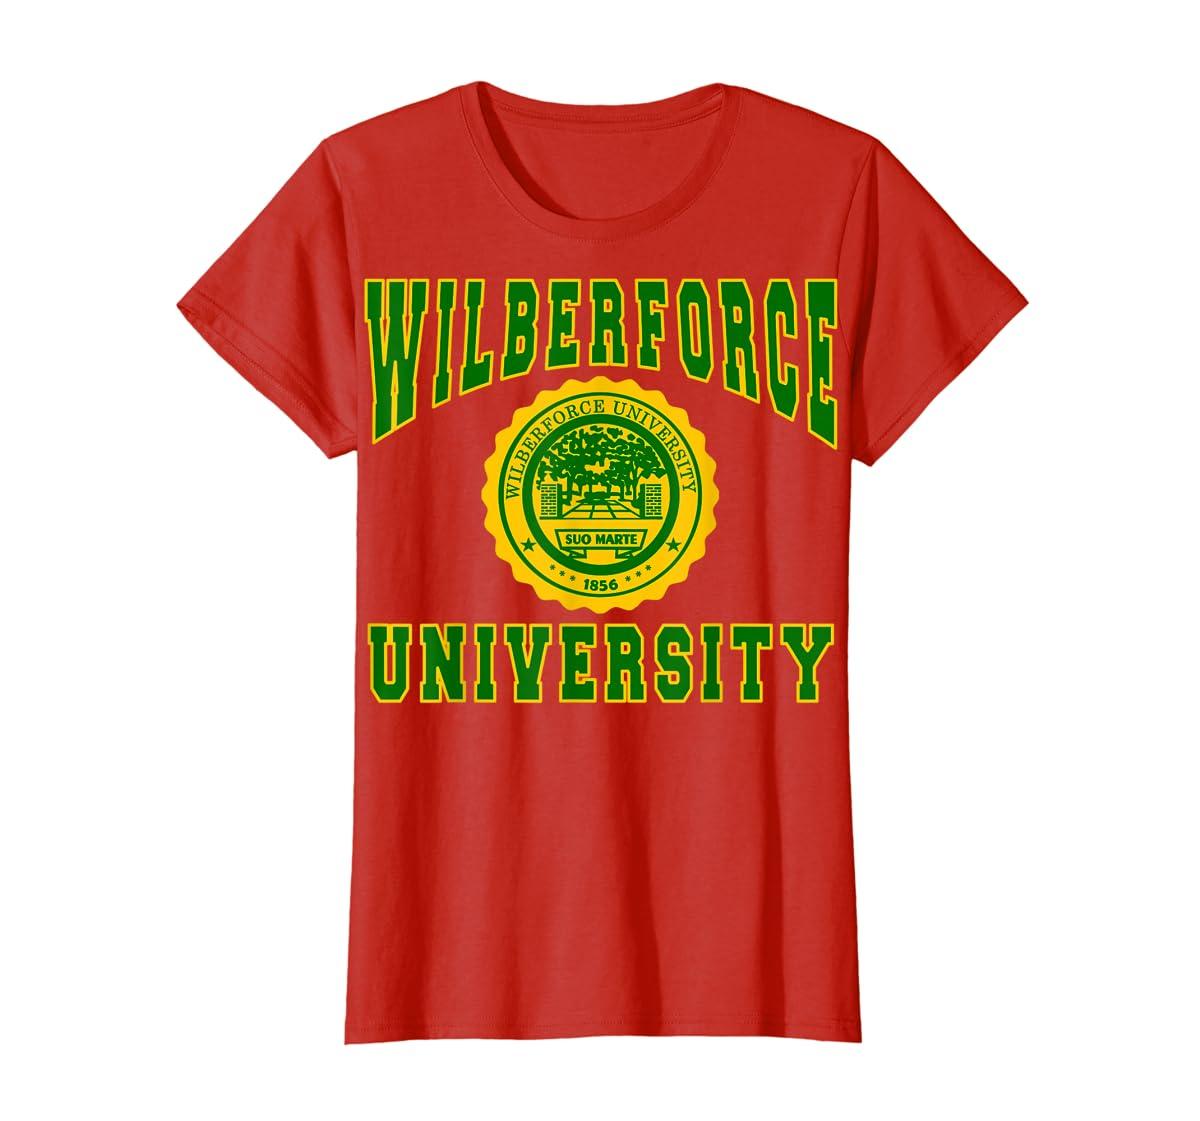 Wilberforce 1856 University Apparel - T shirt-Women's T-Shirt-Red